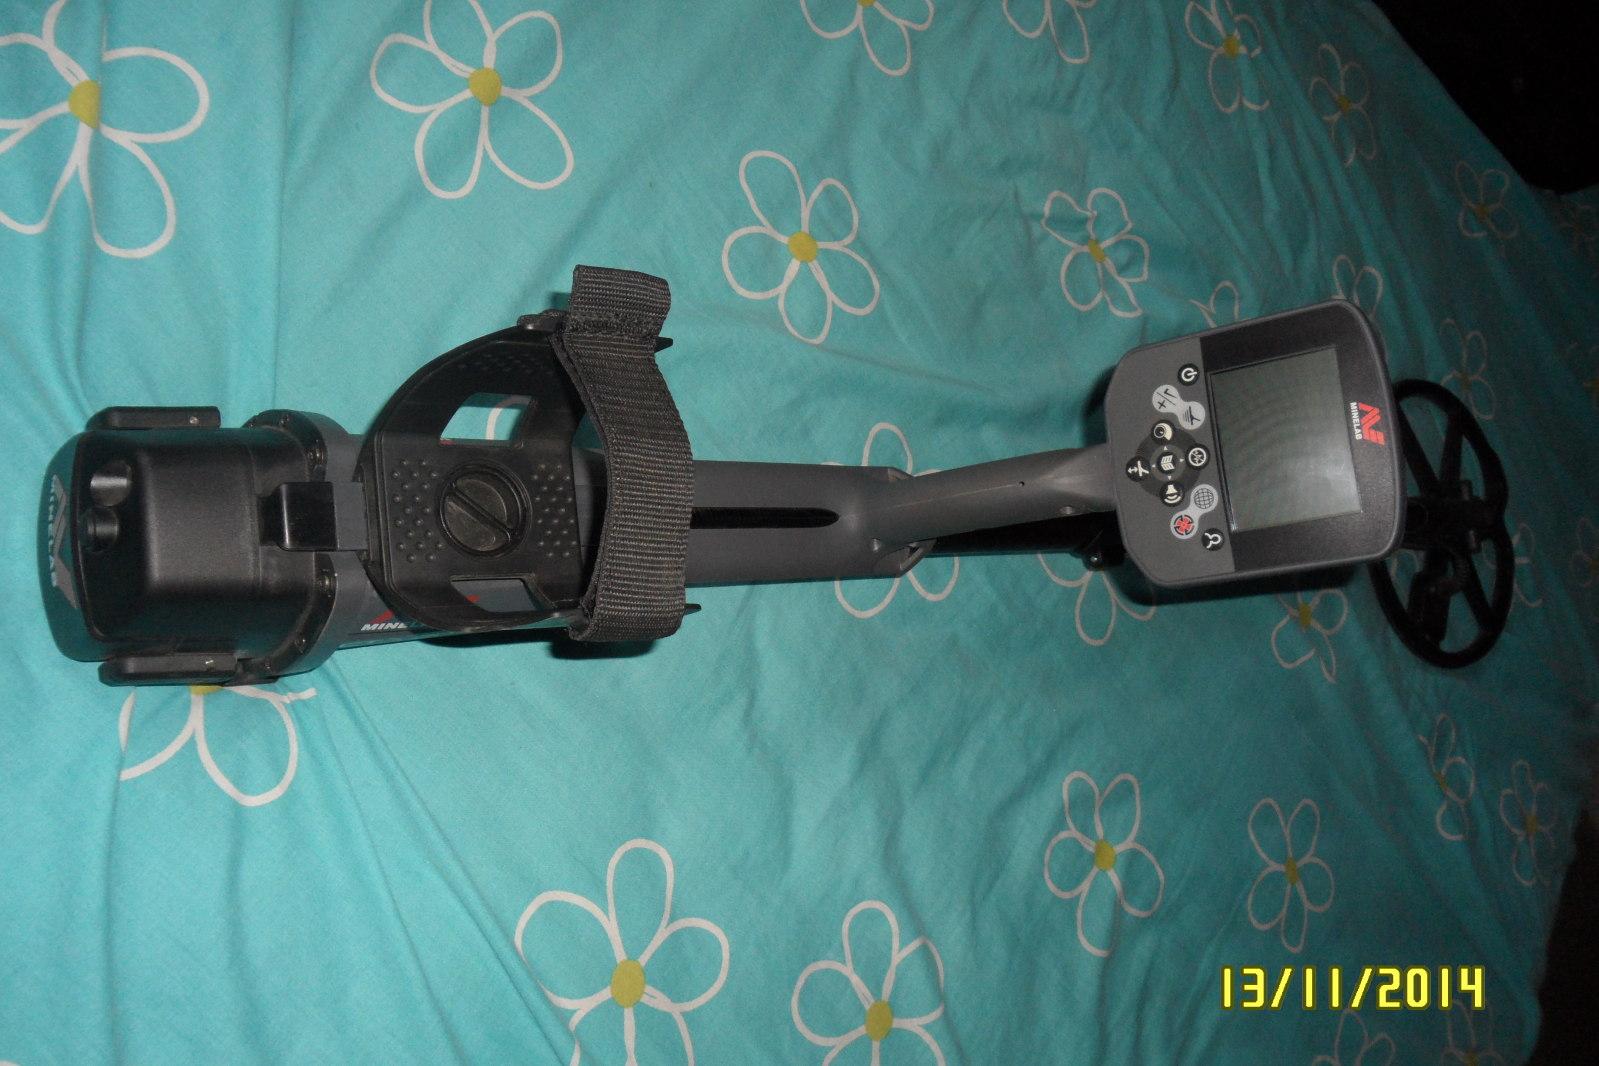 Mi Nuevo CTX 3030 33ur8zo